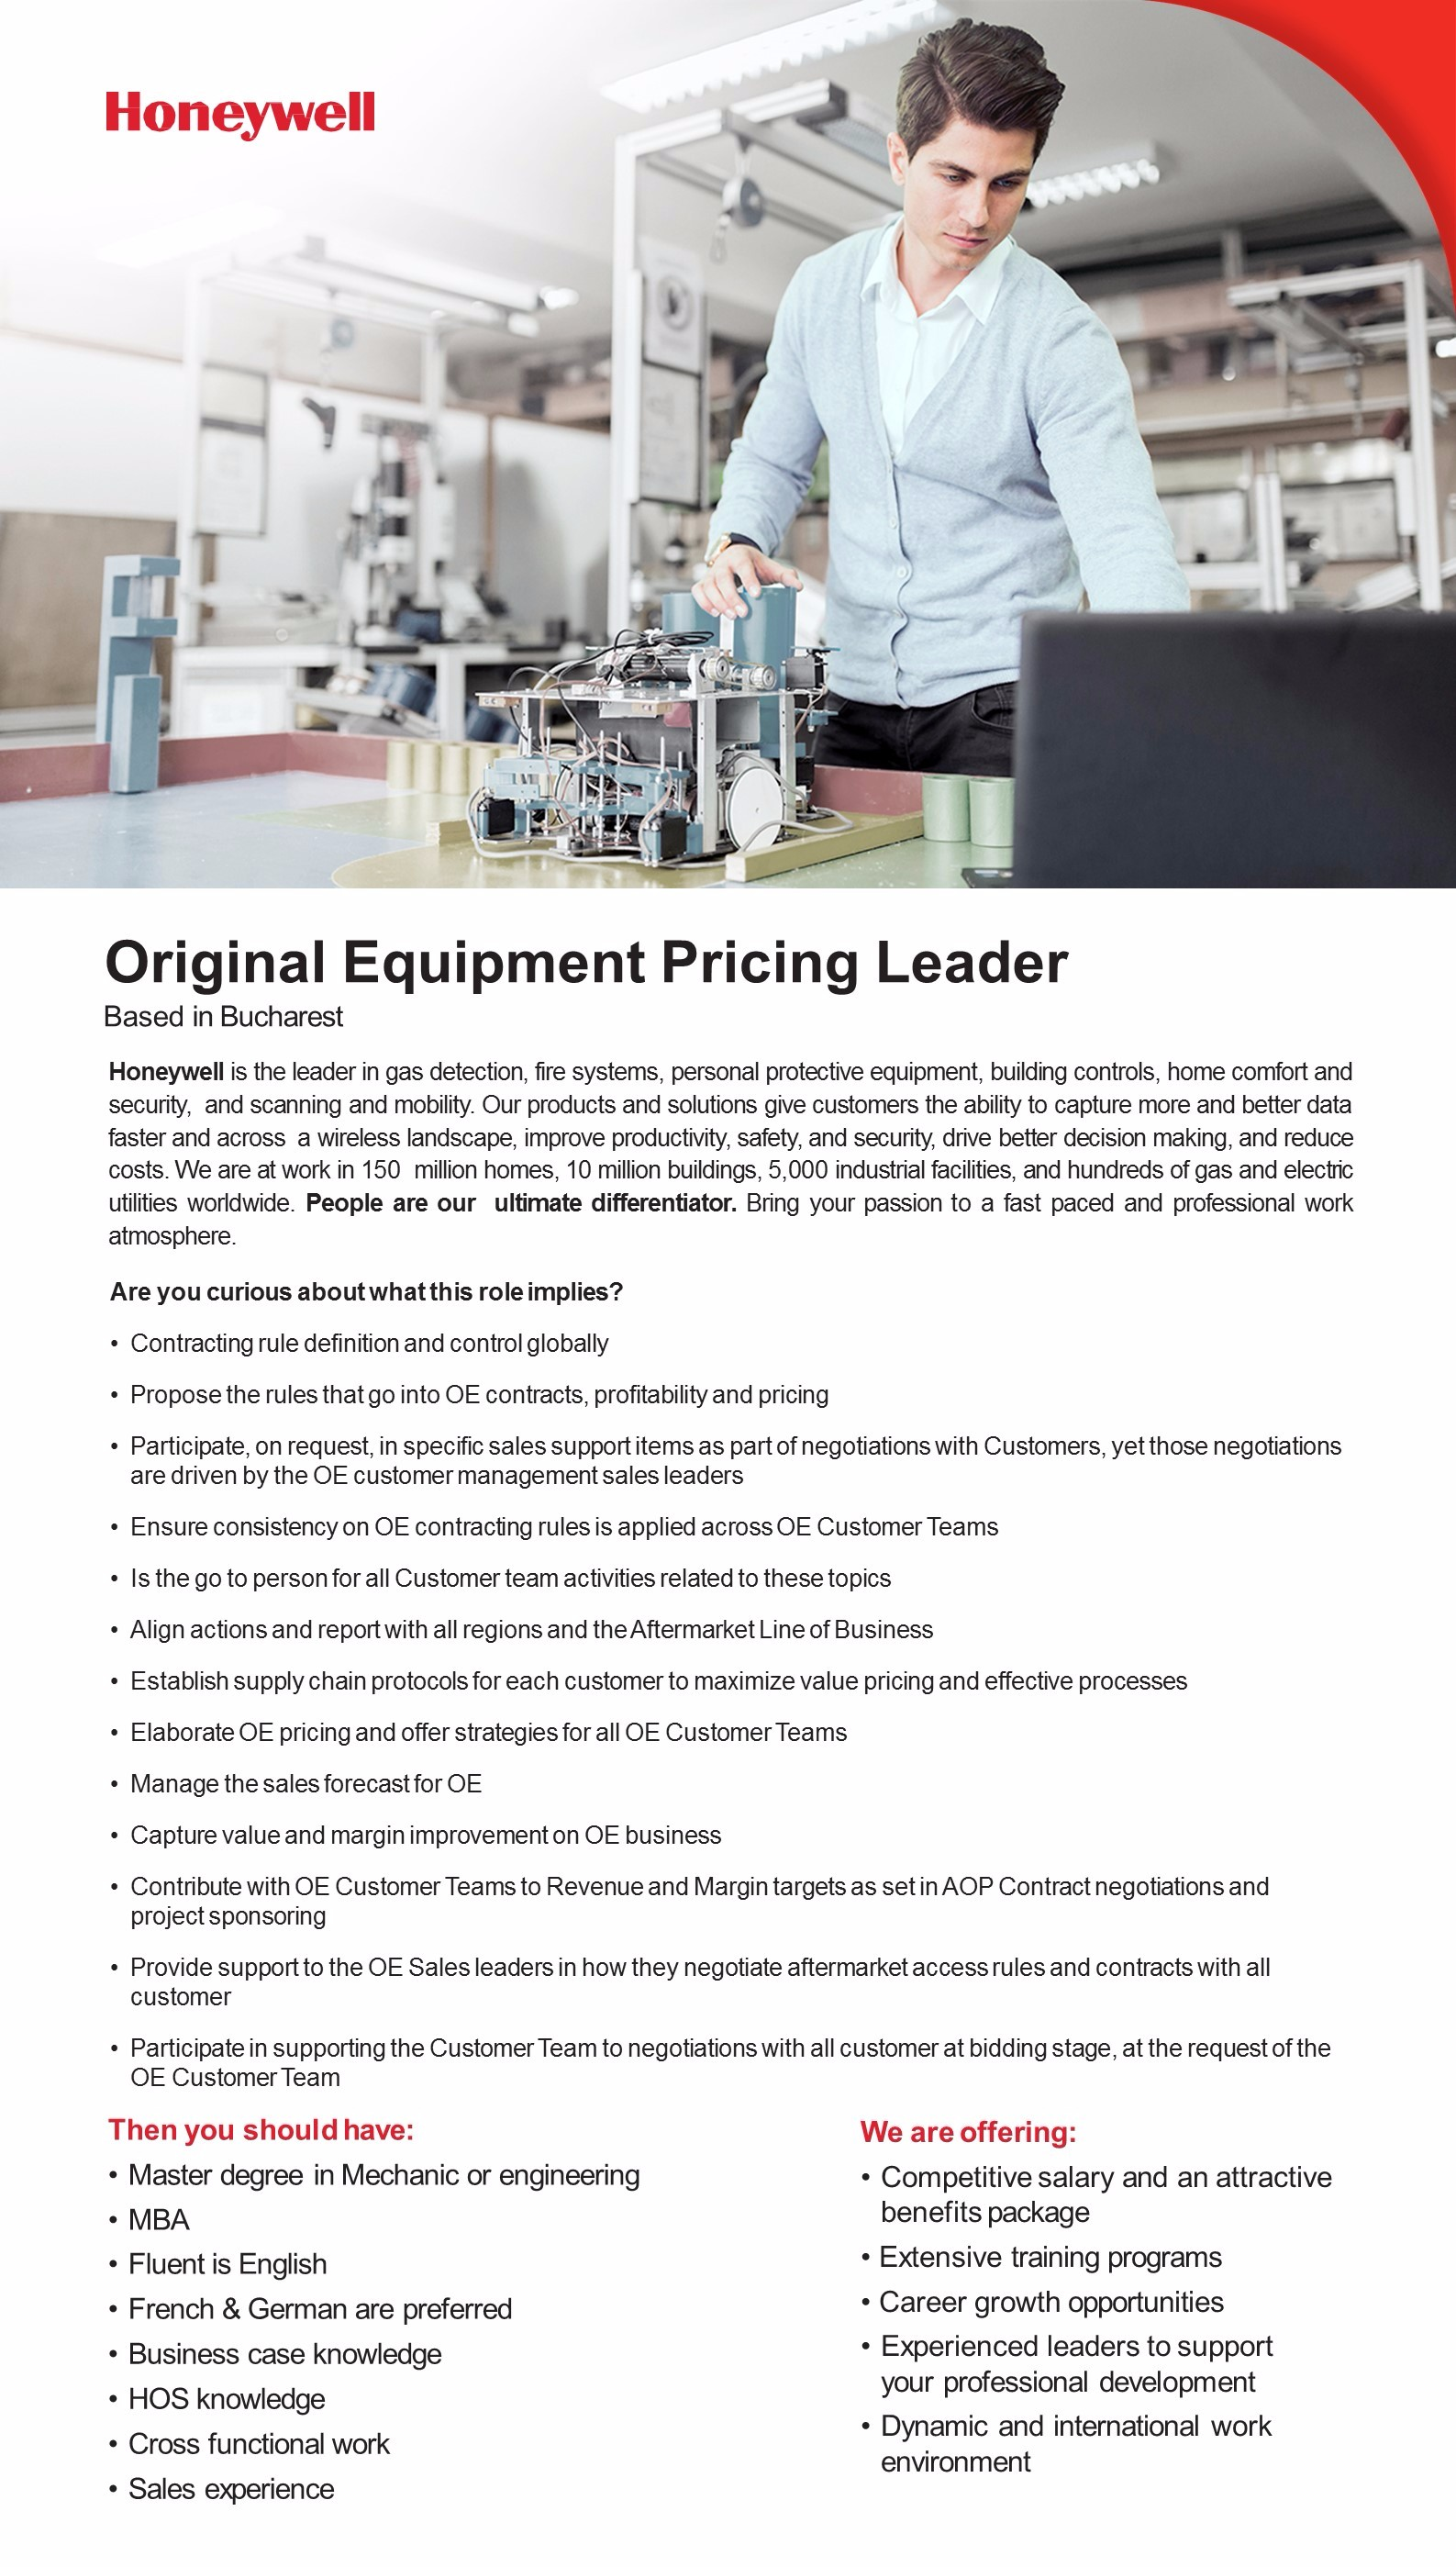 Original Equipment Pricing Leader